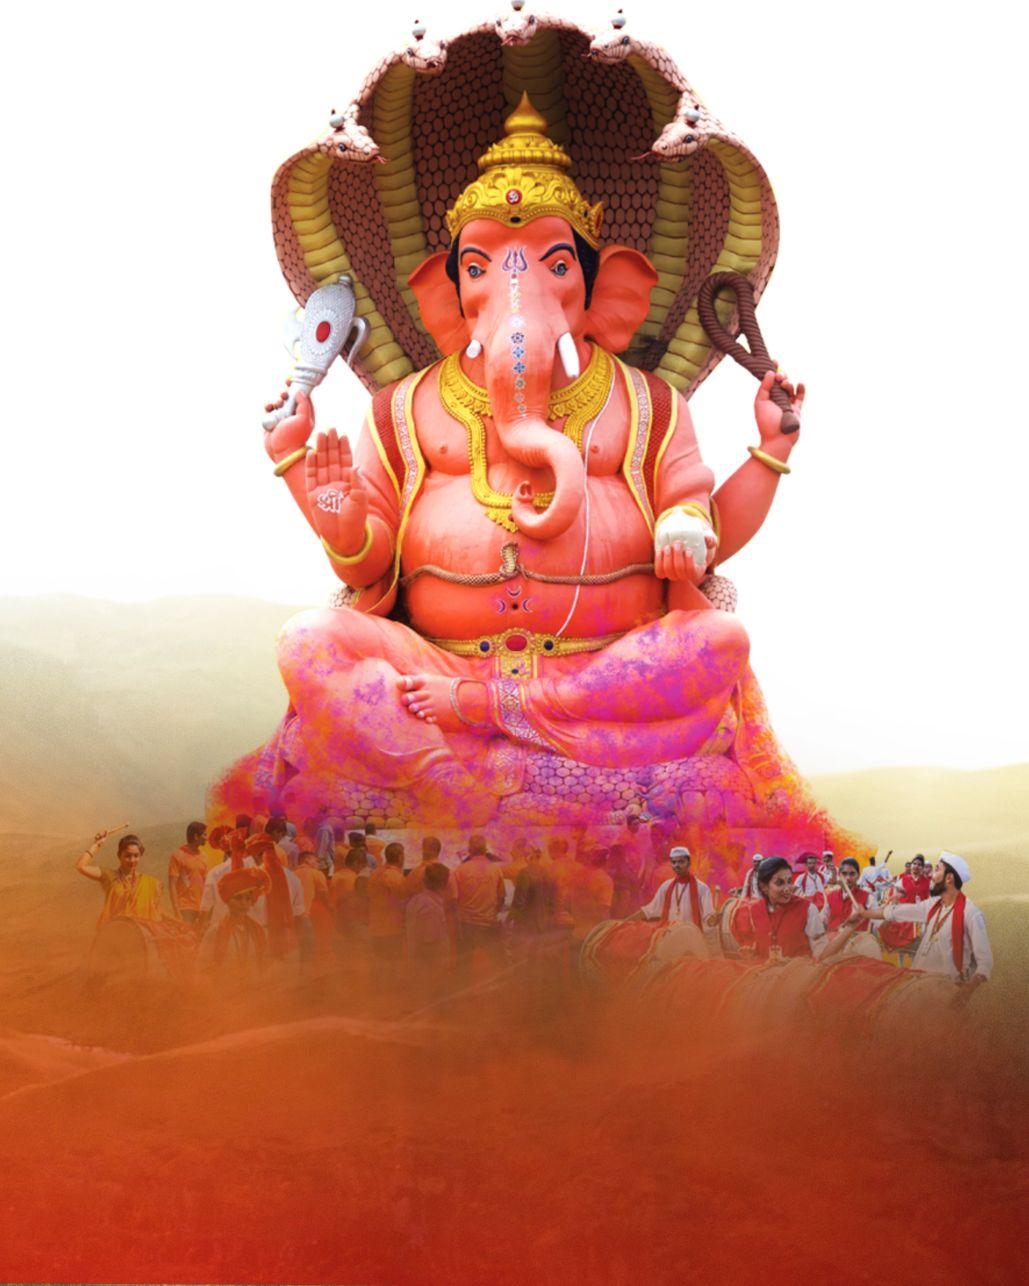 Ganpati sobha Yatra editing background_Ganesh Yatra editing background